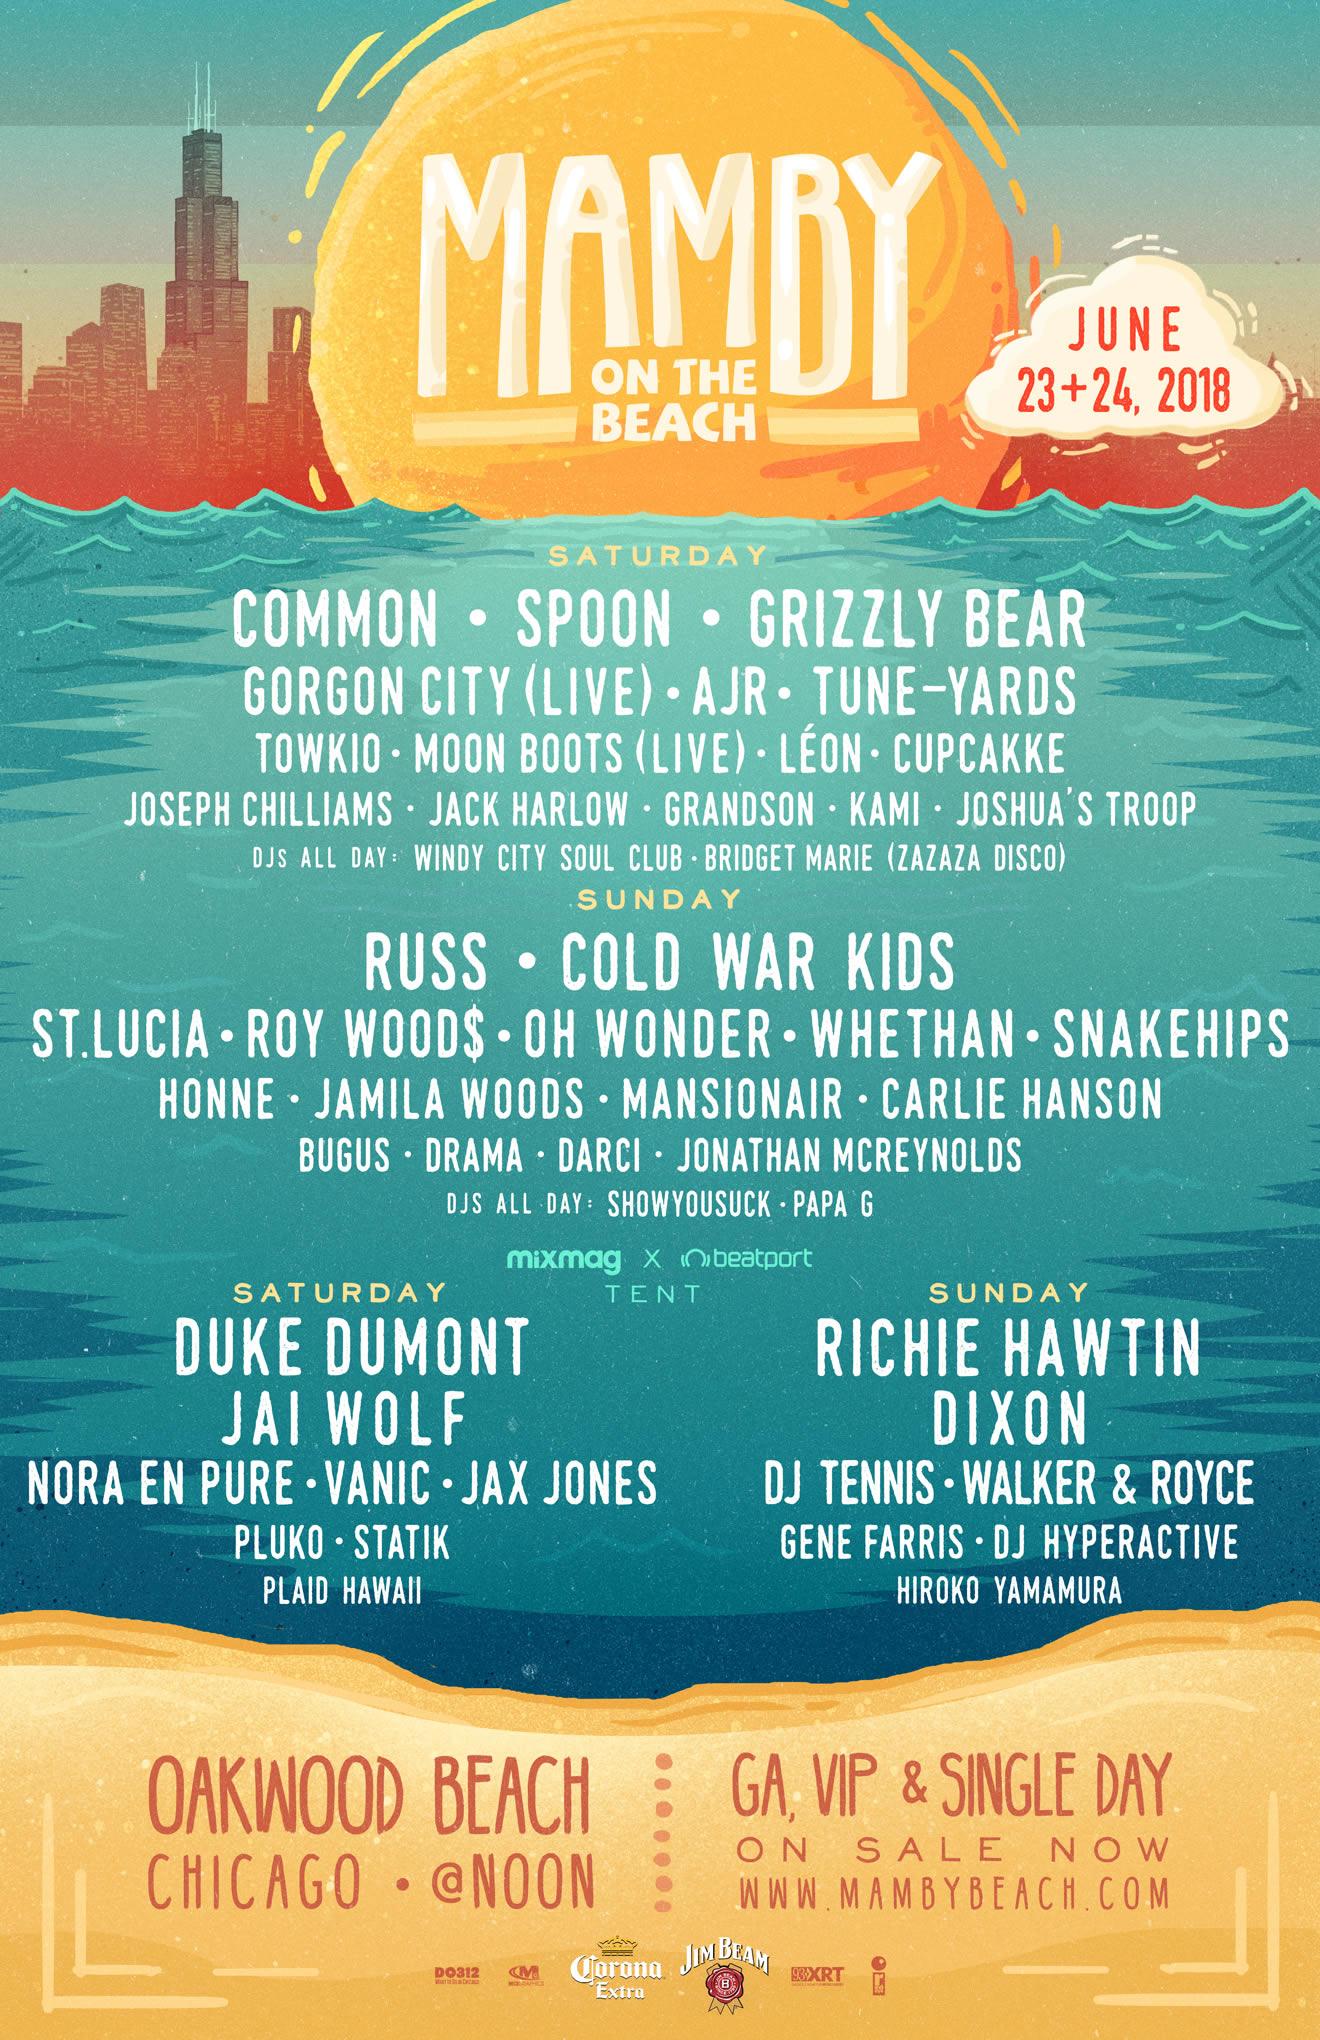 mamby-on-the-beach-facebook-share.jpg